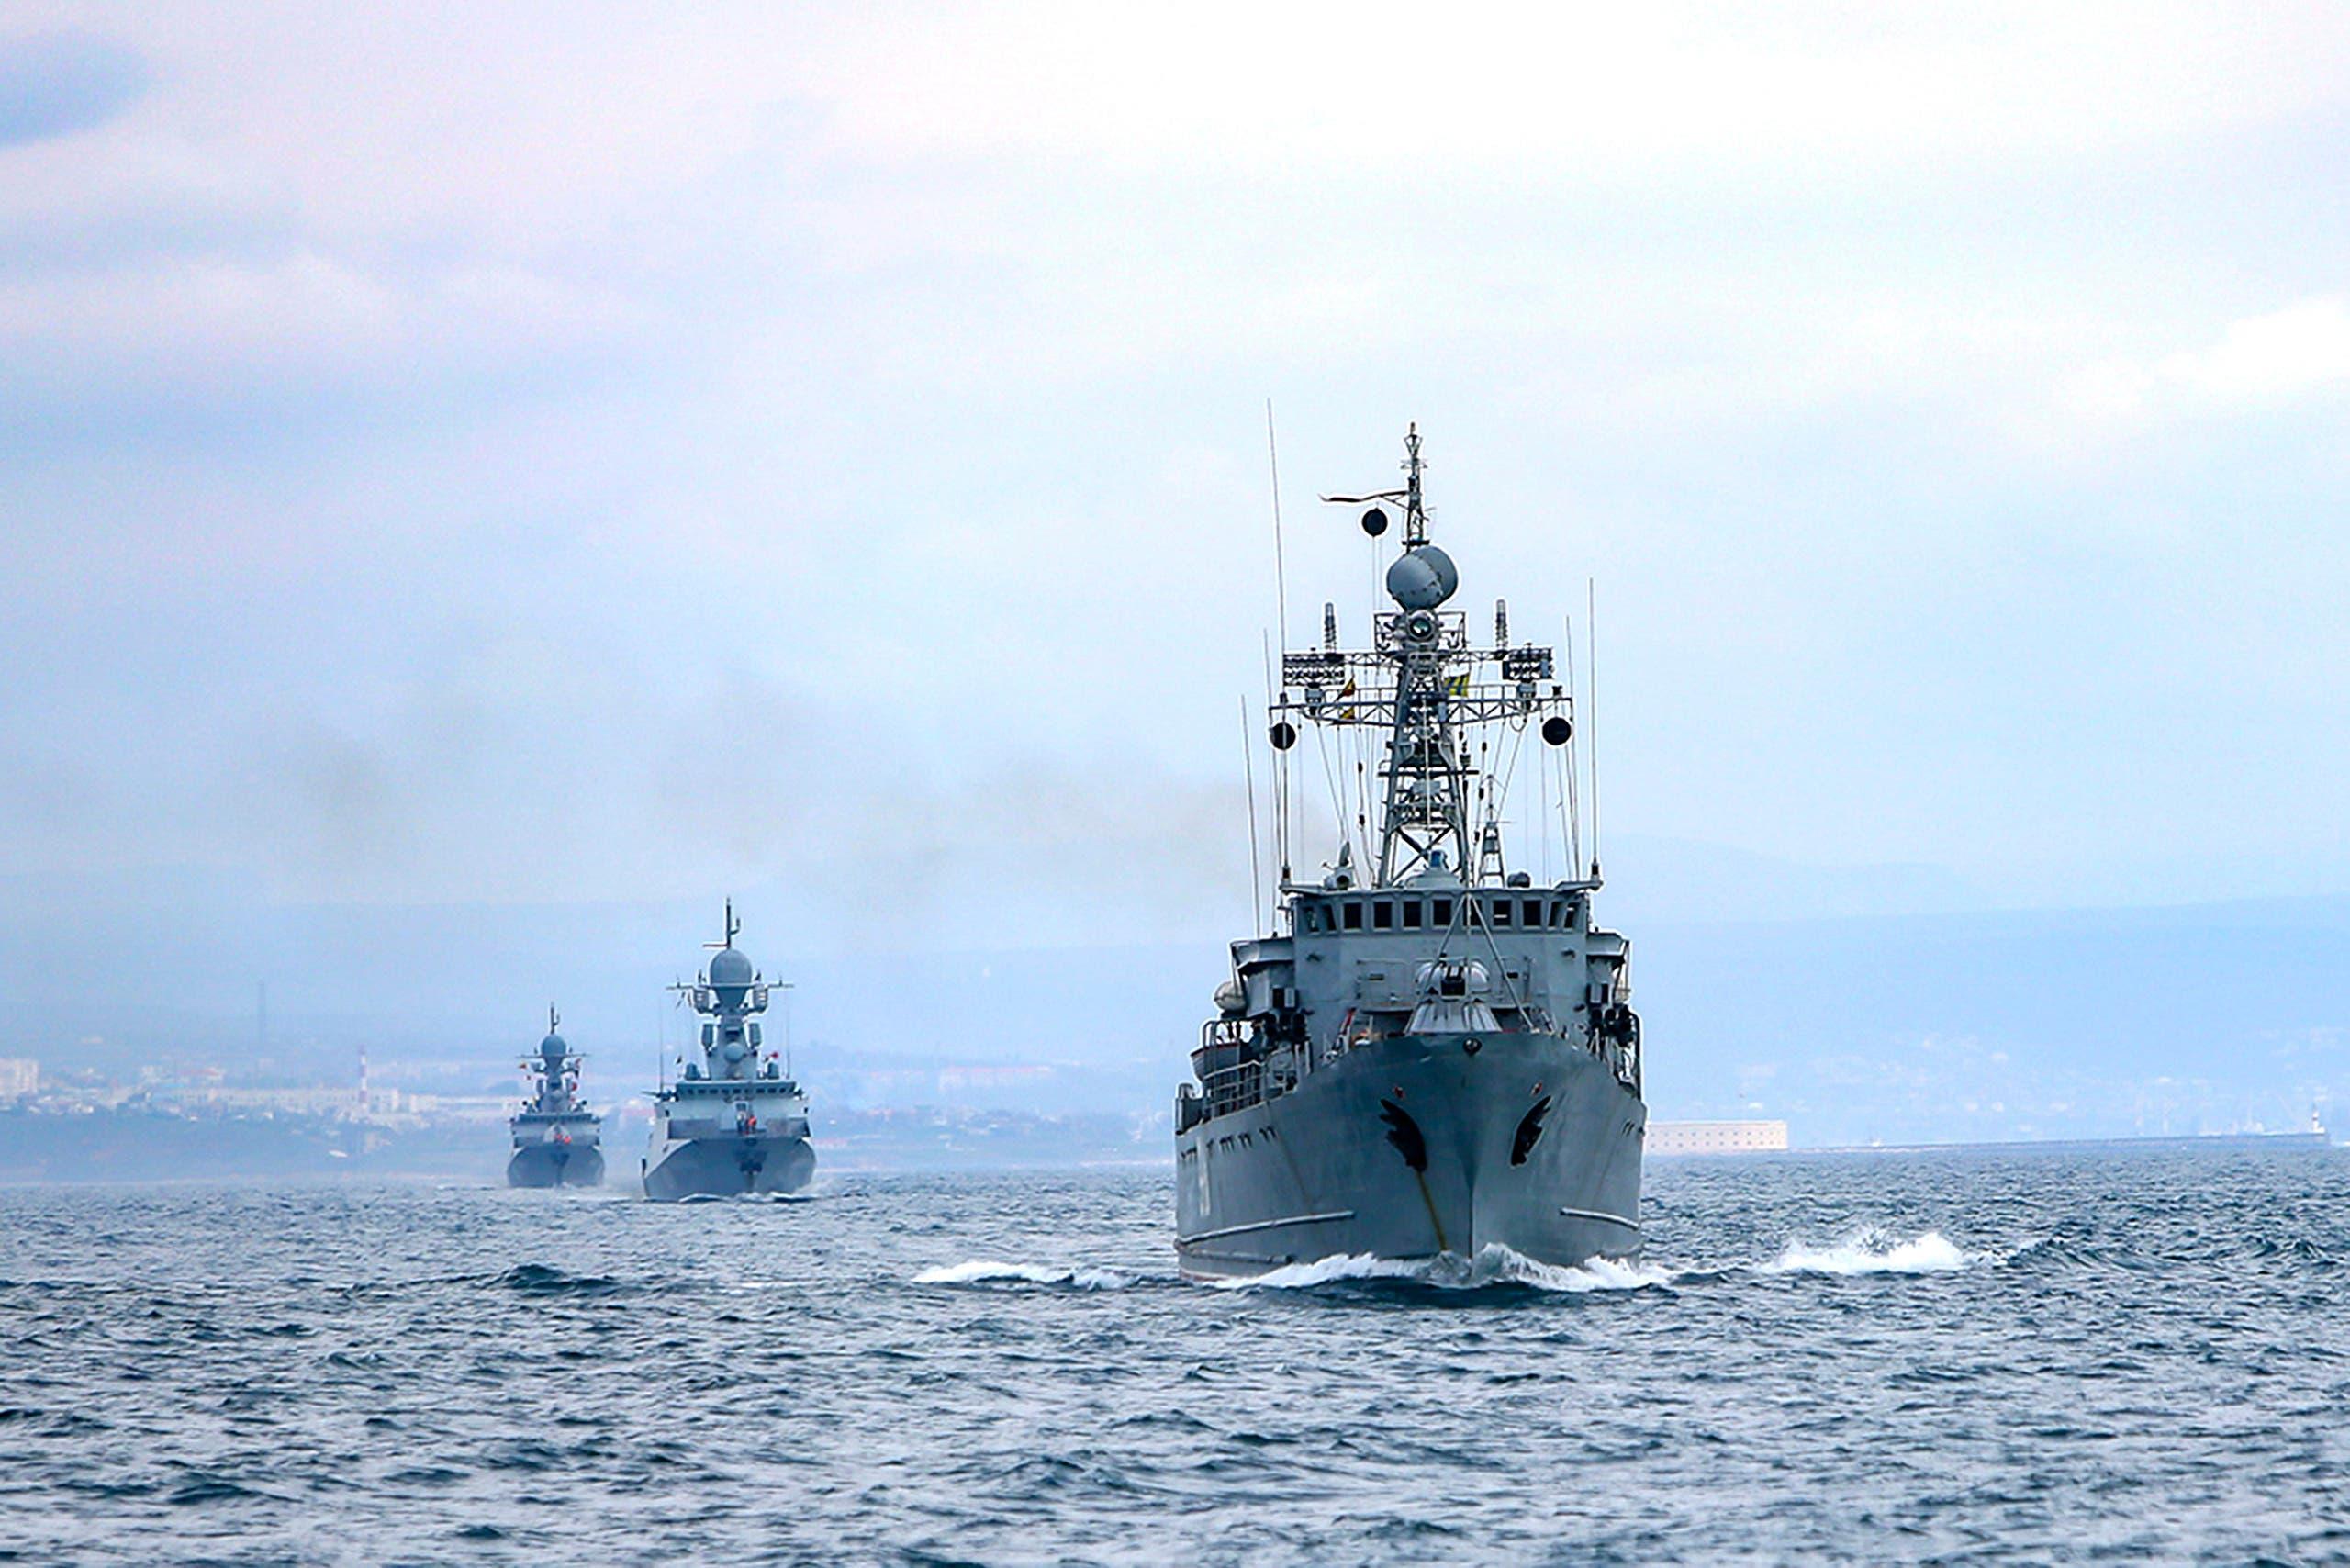 سفن البحرية الروسية خلال مناورات بحرية في البحر الأسود يوم 14 أبريل (أسوشيتد برس)